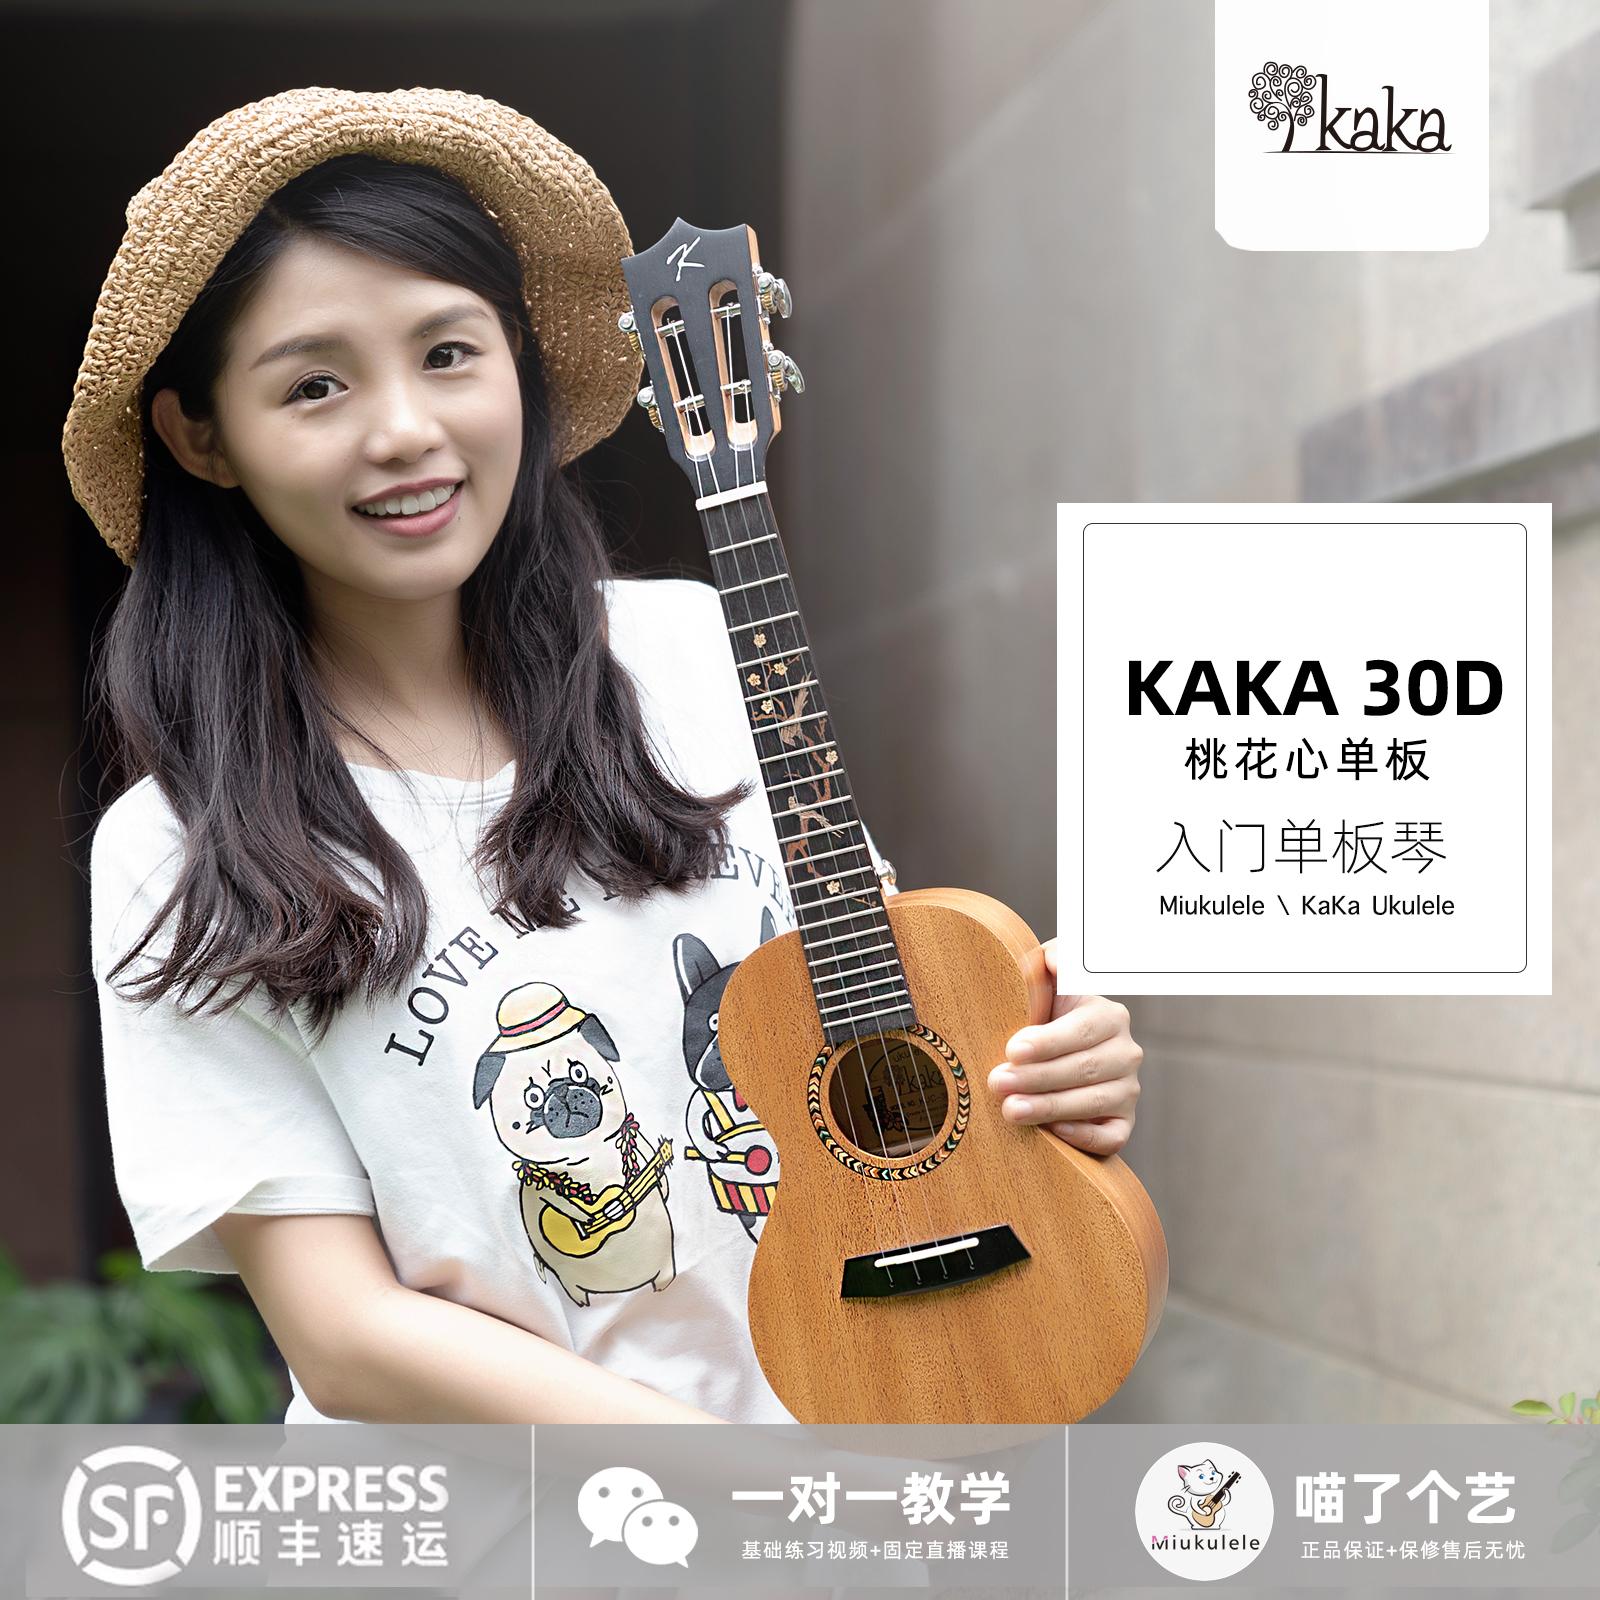 喵了个艺kaka 30d桃花芯木小吉他12月02日最新优惠